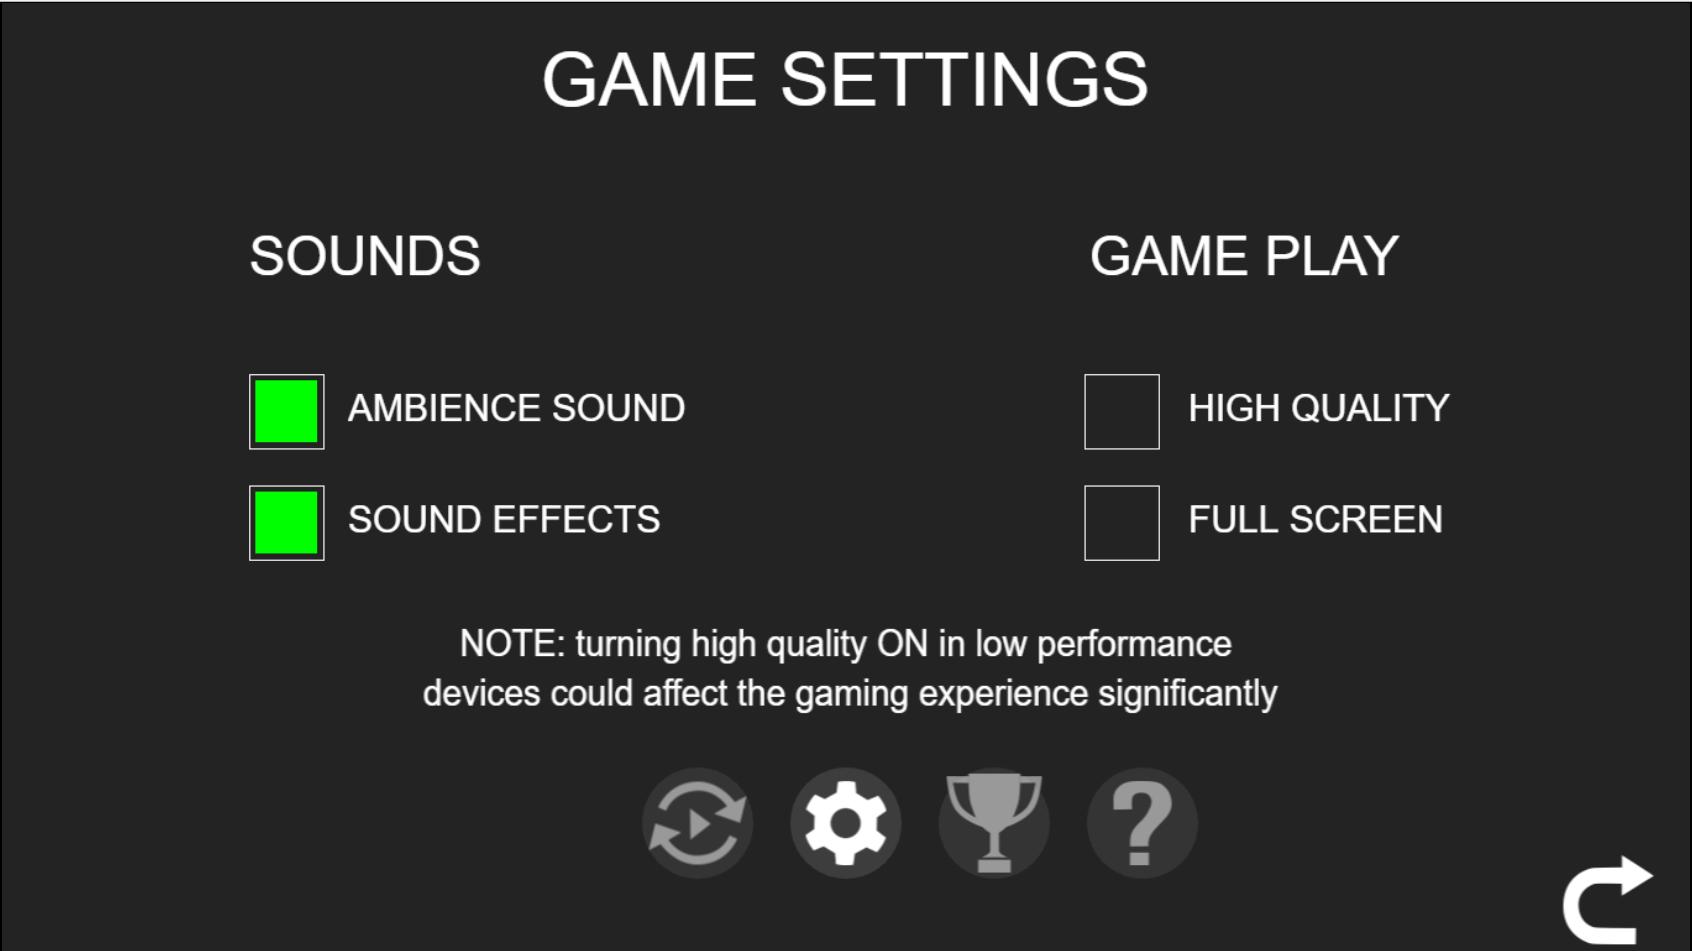 Sharknado mobile game settings.png